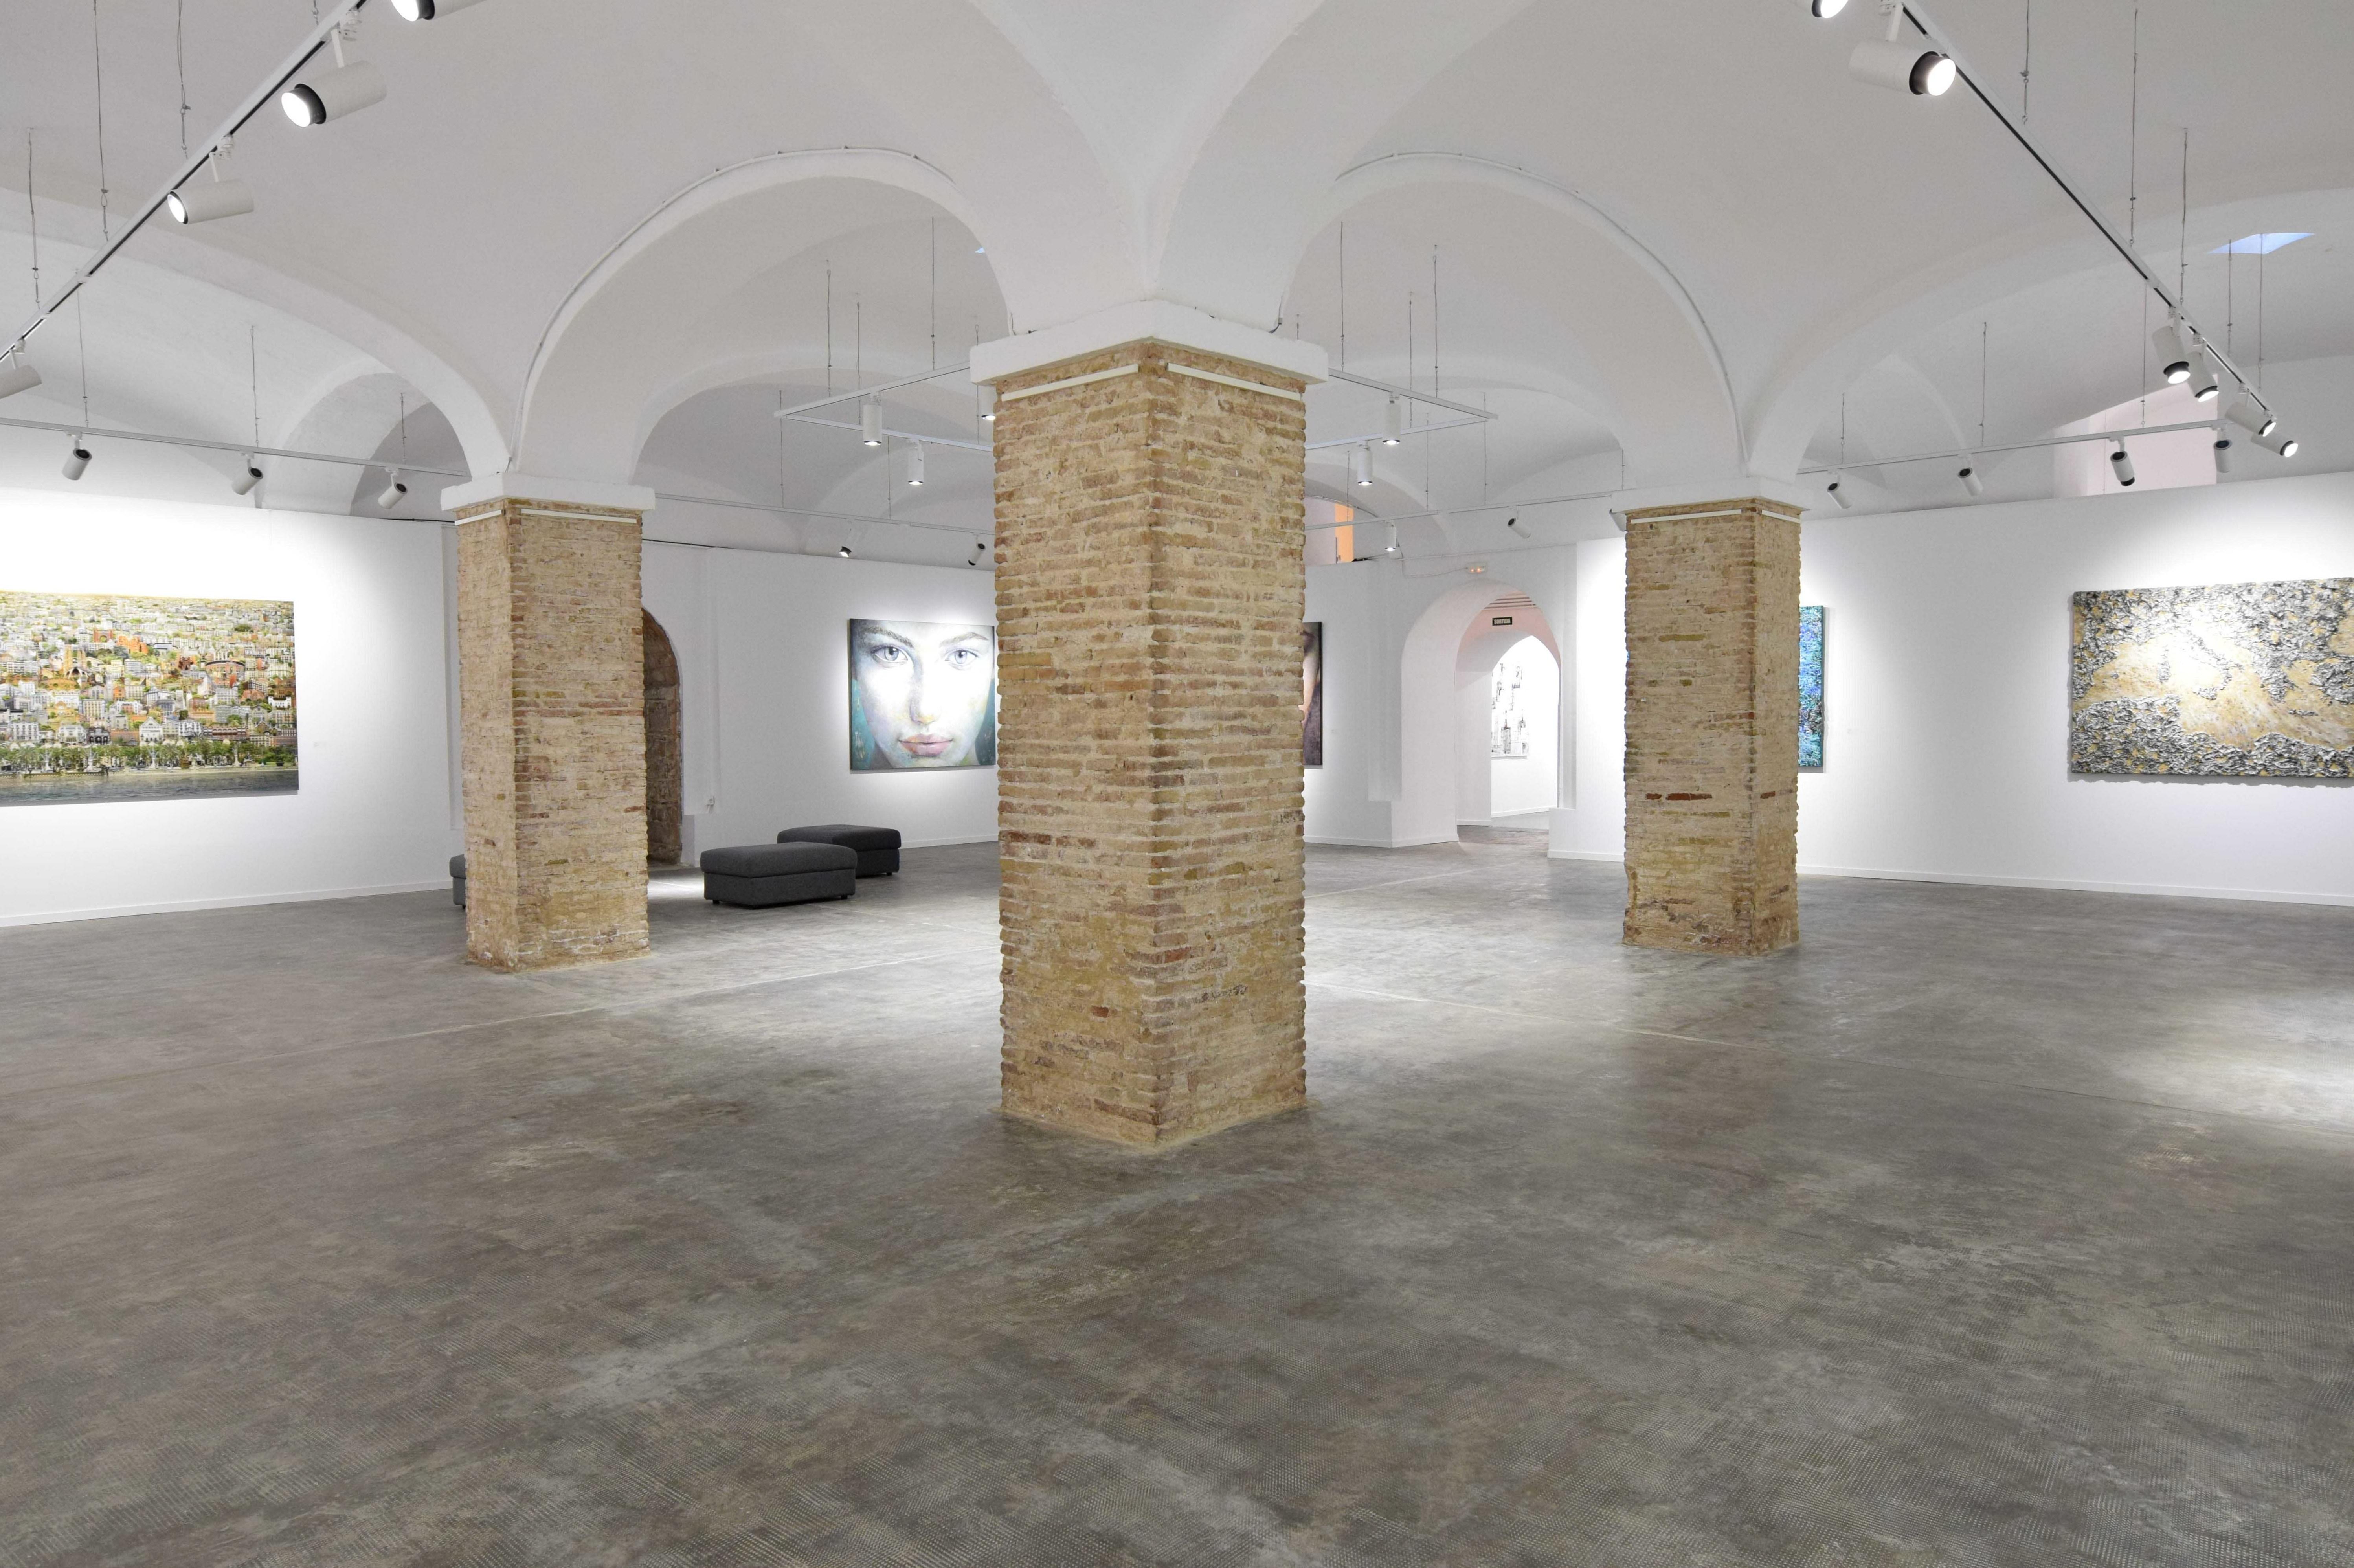 Espacio Villa del Arte | Galería de arte y sala de exposiciones en el gótico de Barcelona | Sala Principal